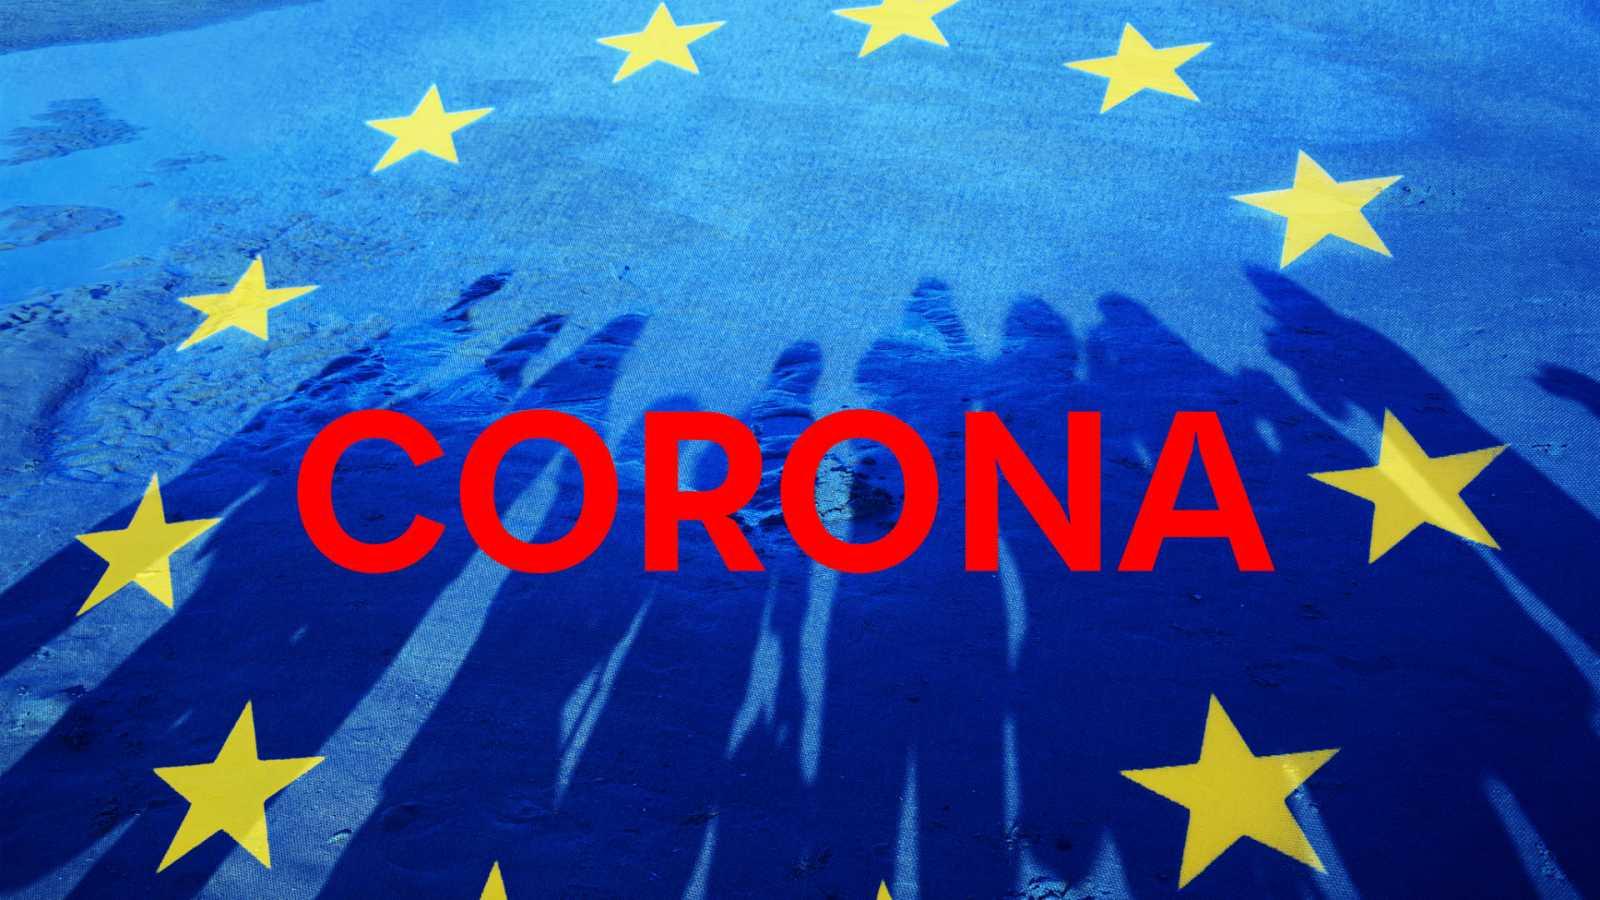 Europa abierta en Radio 5 coronavirus - La cultura, la carta de la UE para superar el Covid 19 - 21/04/20 - escuchar ahora